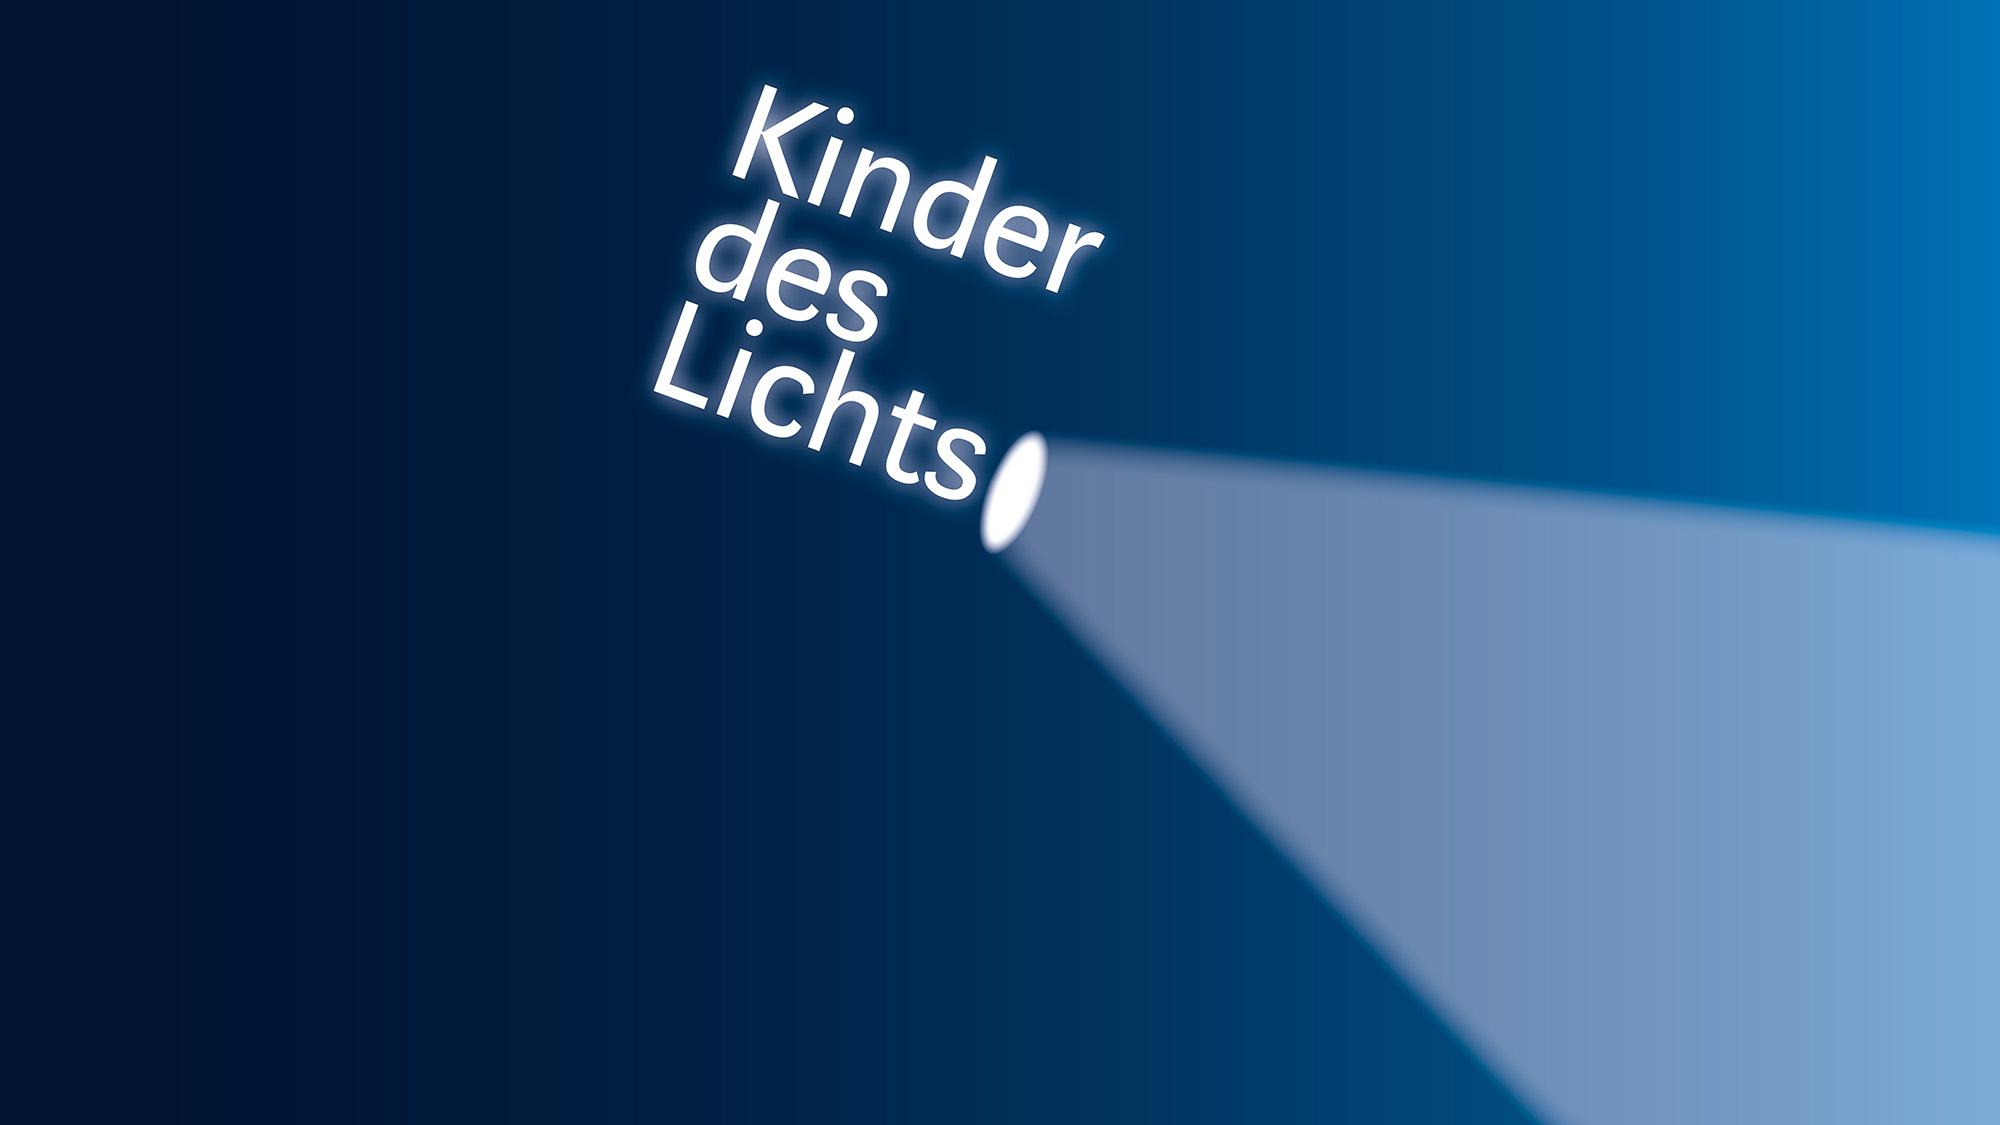 #4: Kinder des Lichts